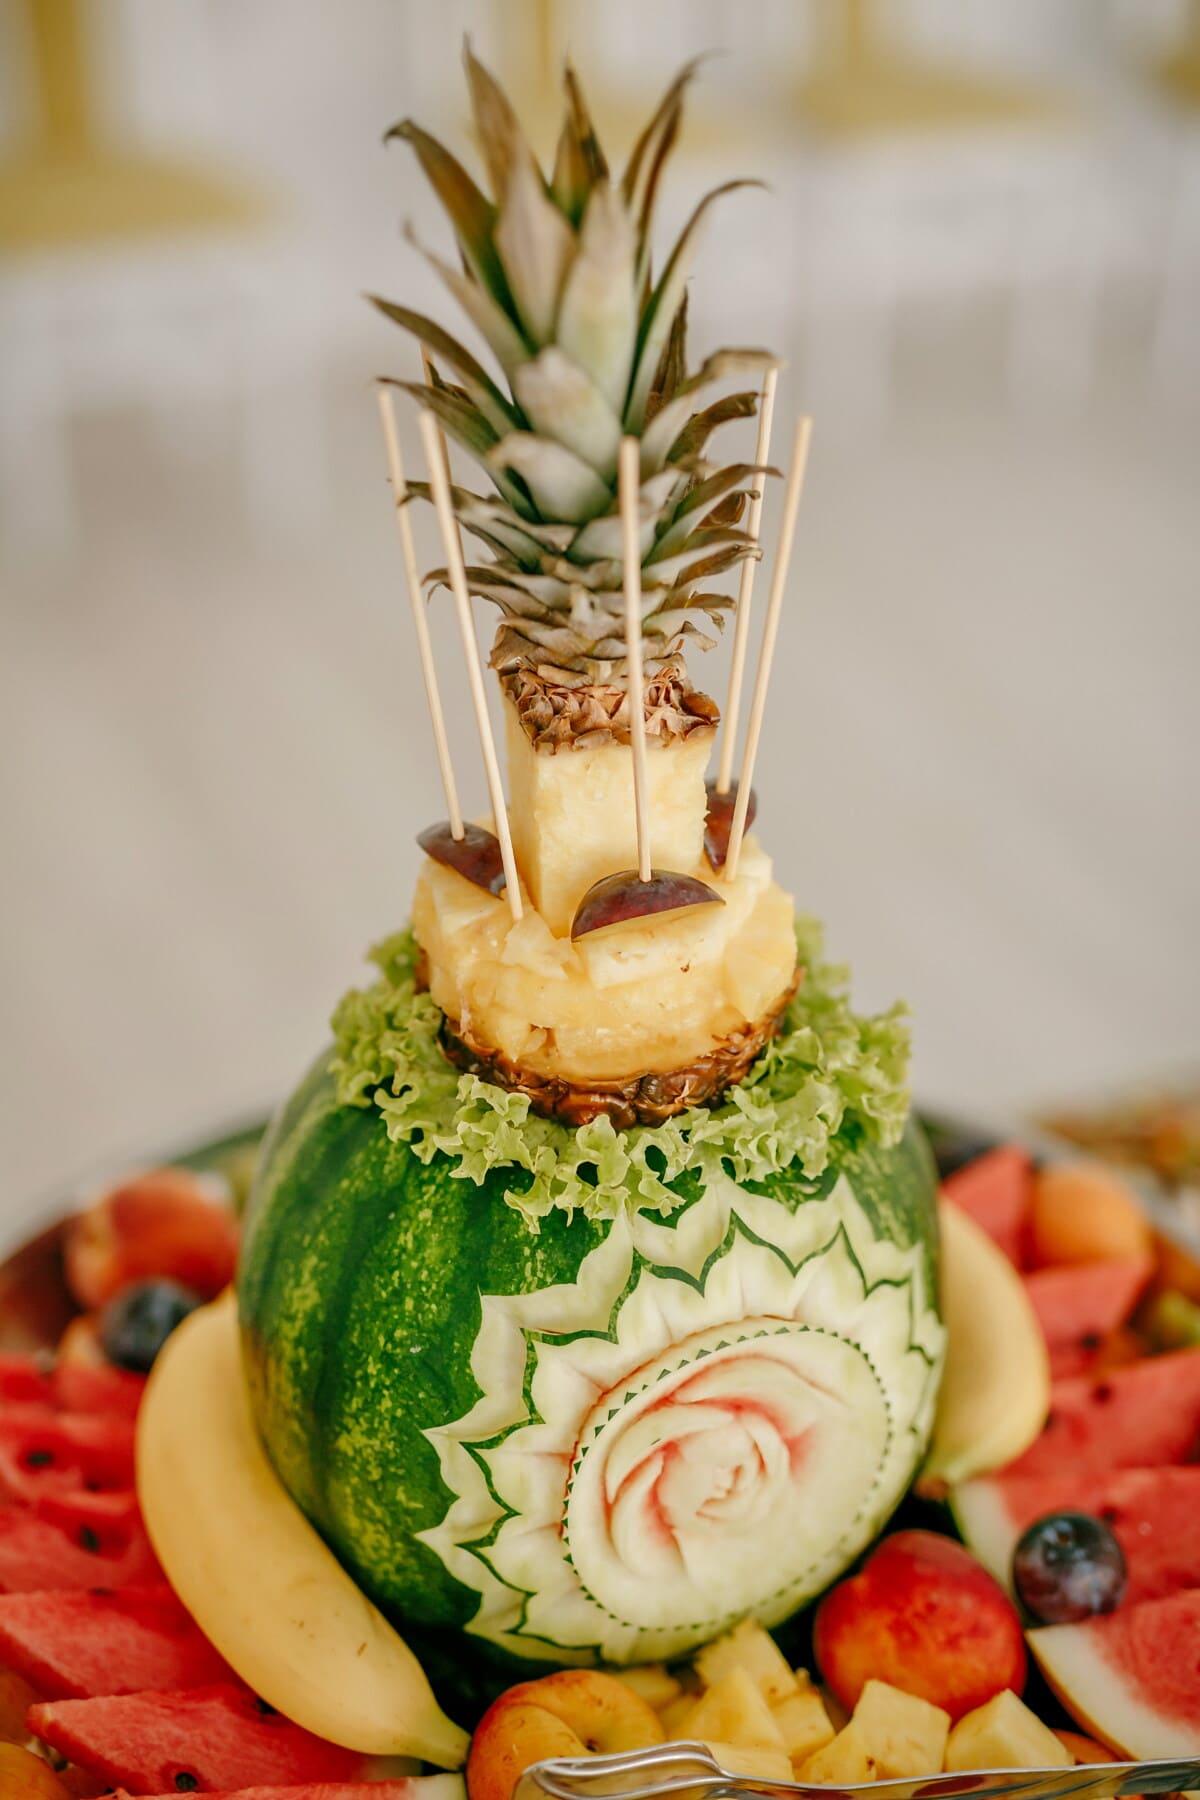 melon d'eau, sculpture, ananas, décoration, fruits, agrumes, banane, Peach, alimentaire, délicieux